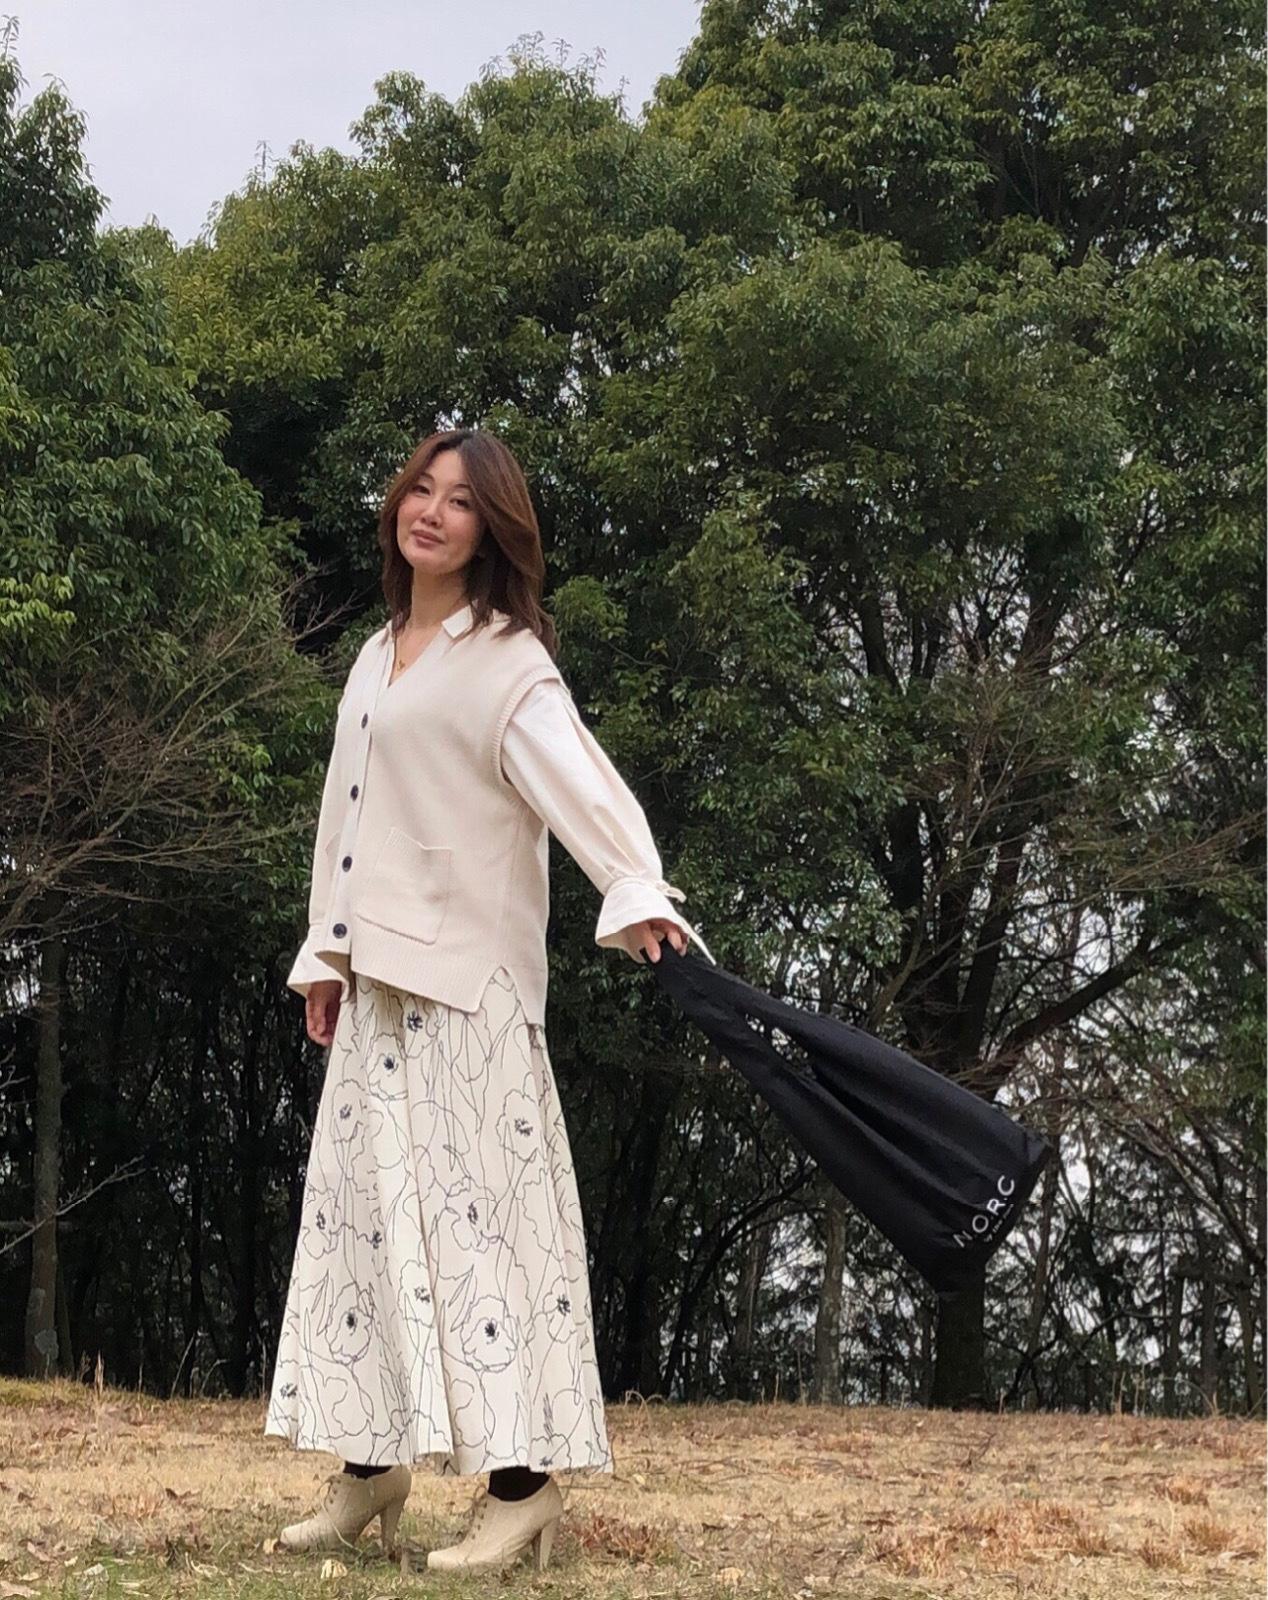 白色ブラウス 白色ニットベスト 白地に黒の模様ロングスカート ショッパーバッグを持って立つ女性 斜めの姿